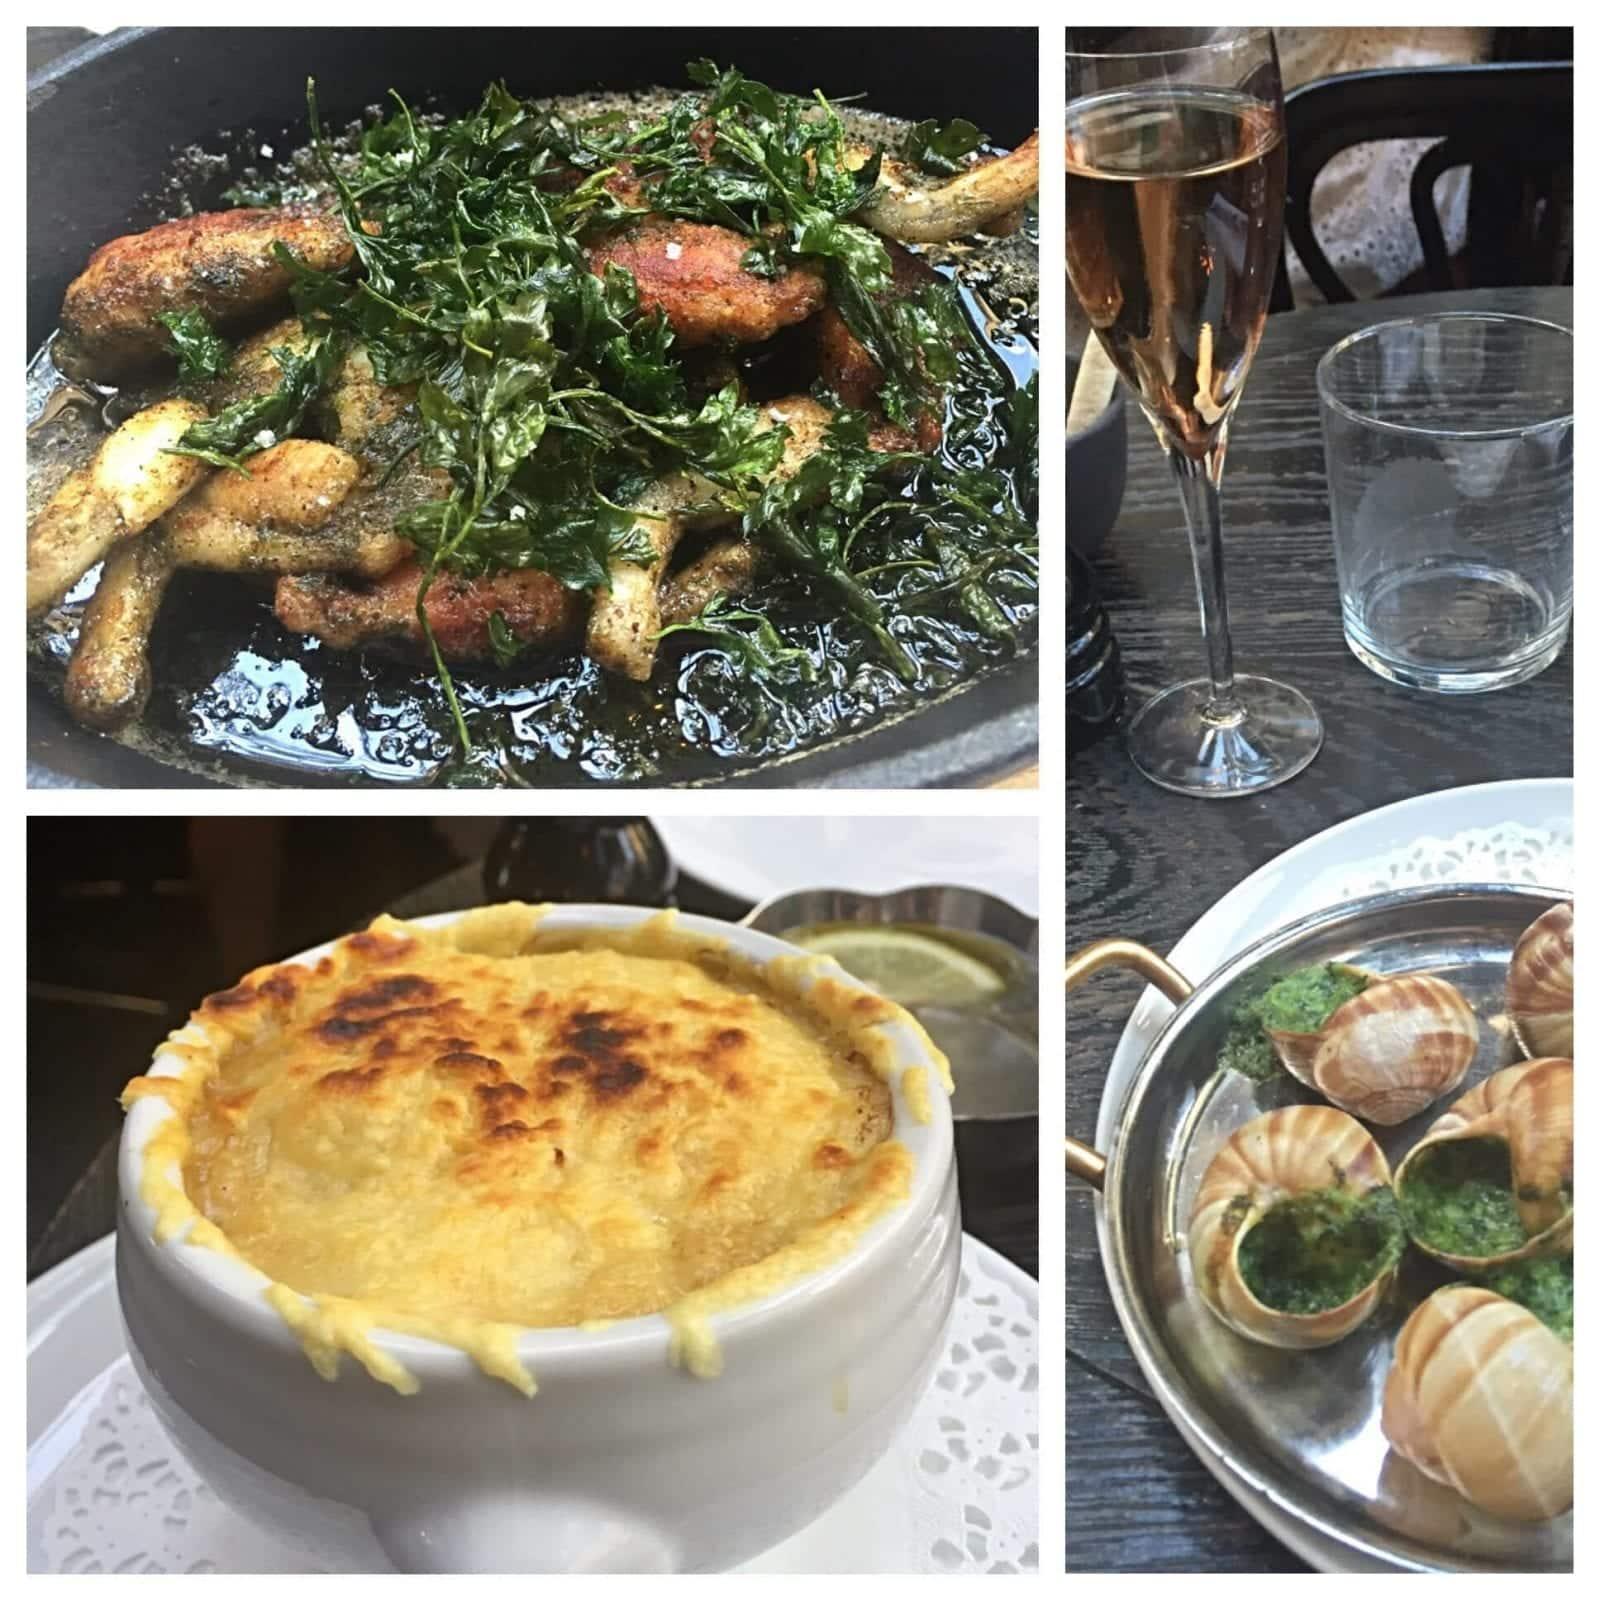 Cuisine Paris France